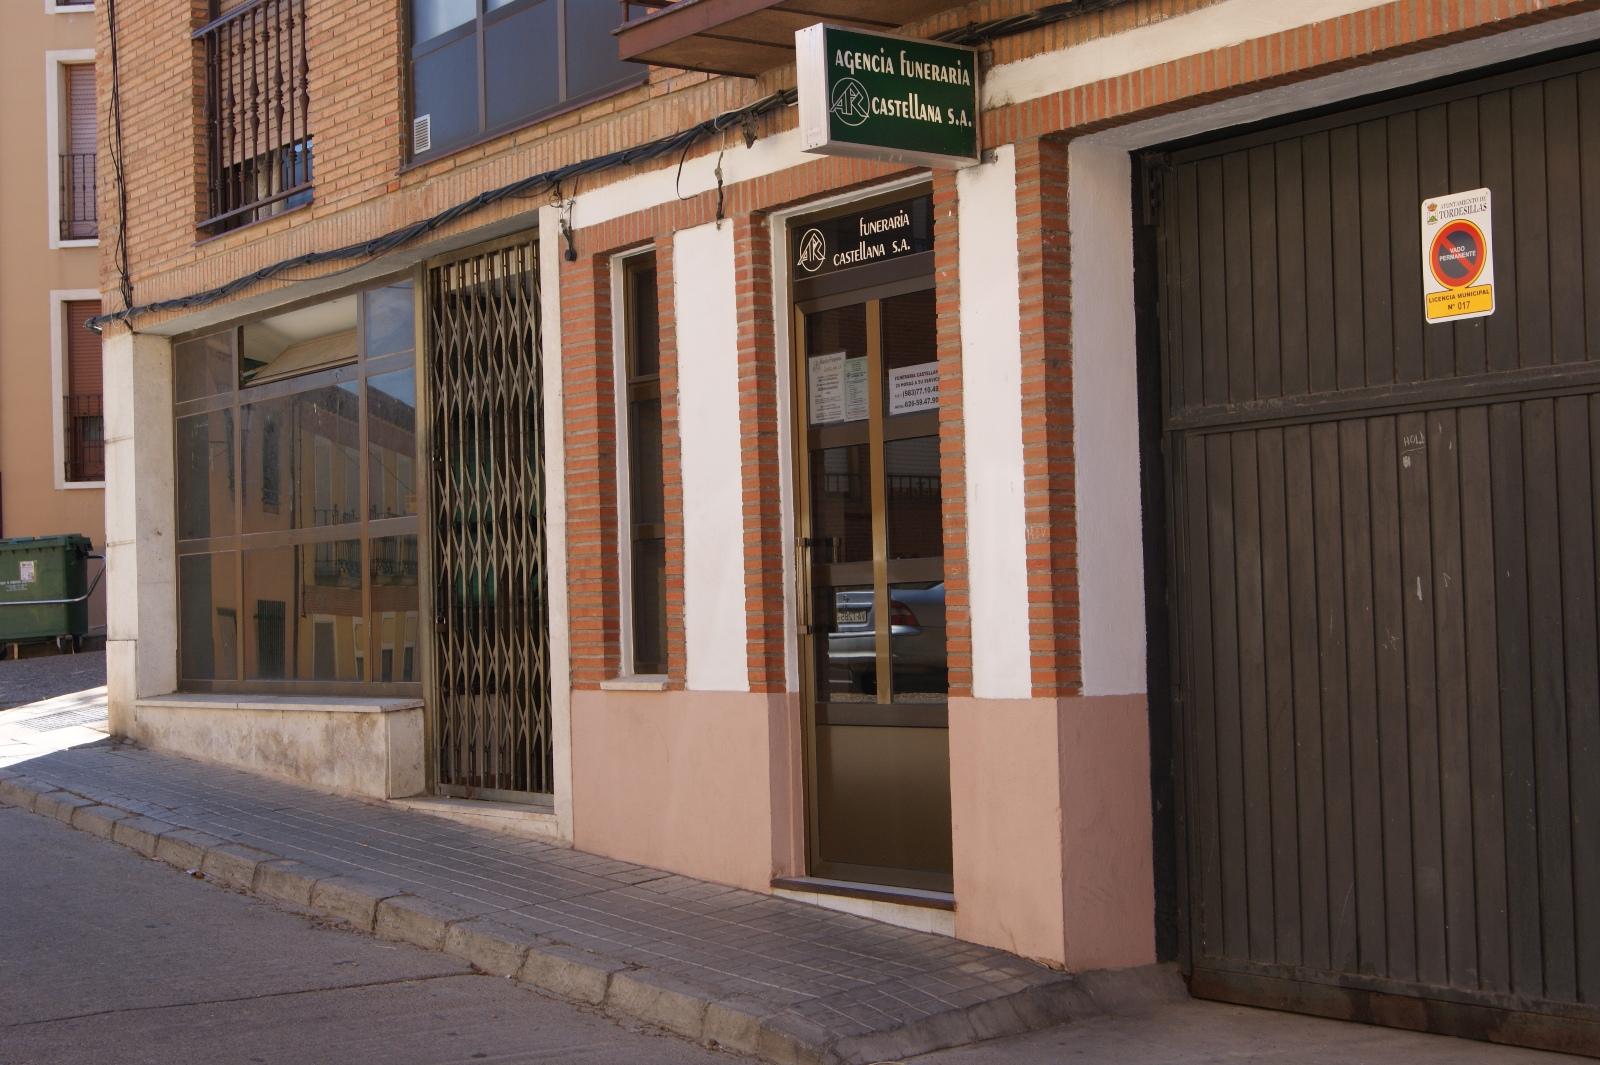 Oficinas agencia funeraria castellana grupo el salvador for Oficina banco santander valladolid